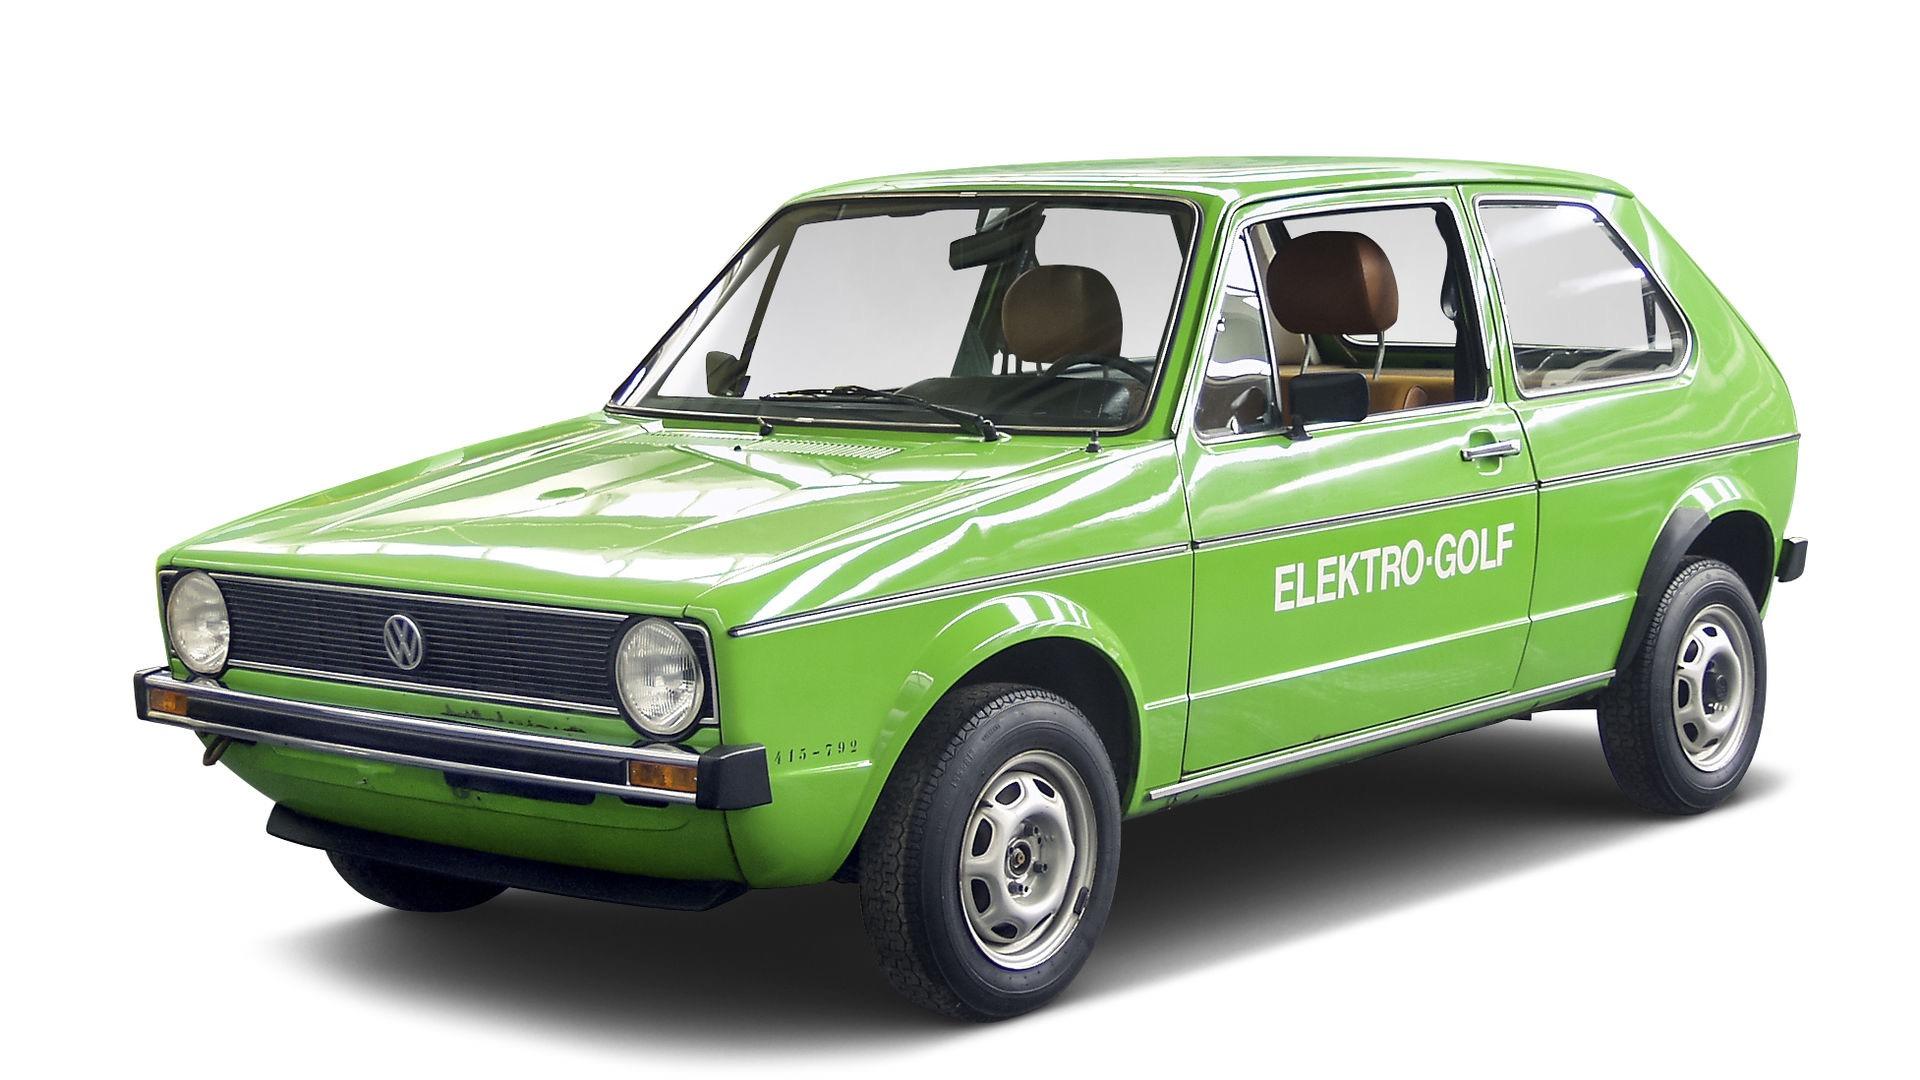 VW Golf CityStromer czyli elektryczny klasyk? | jedzze.pl